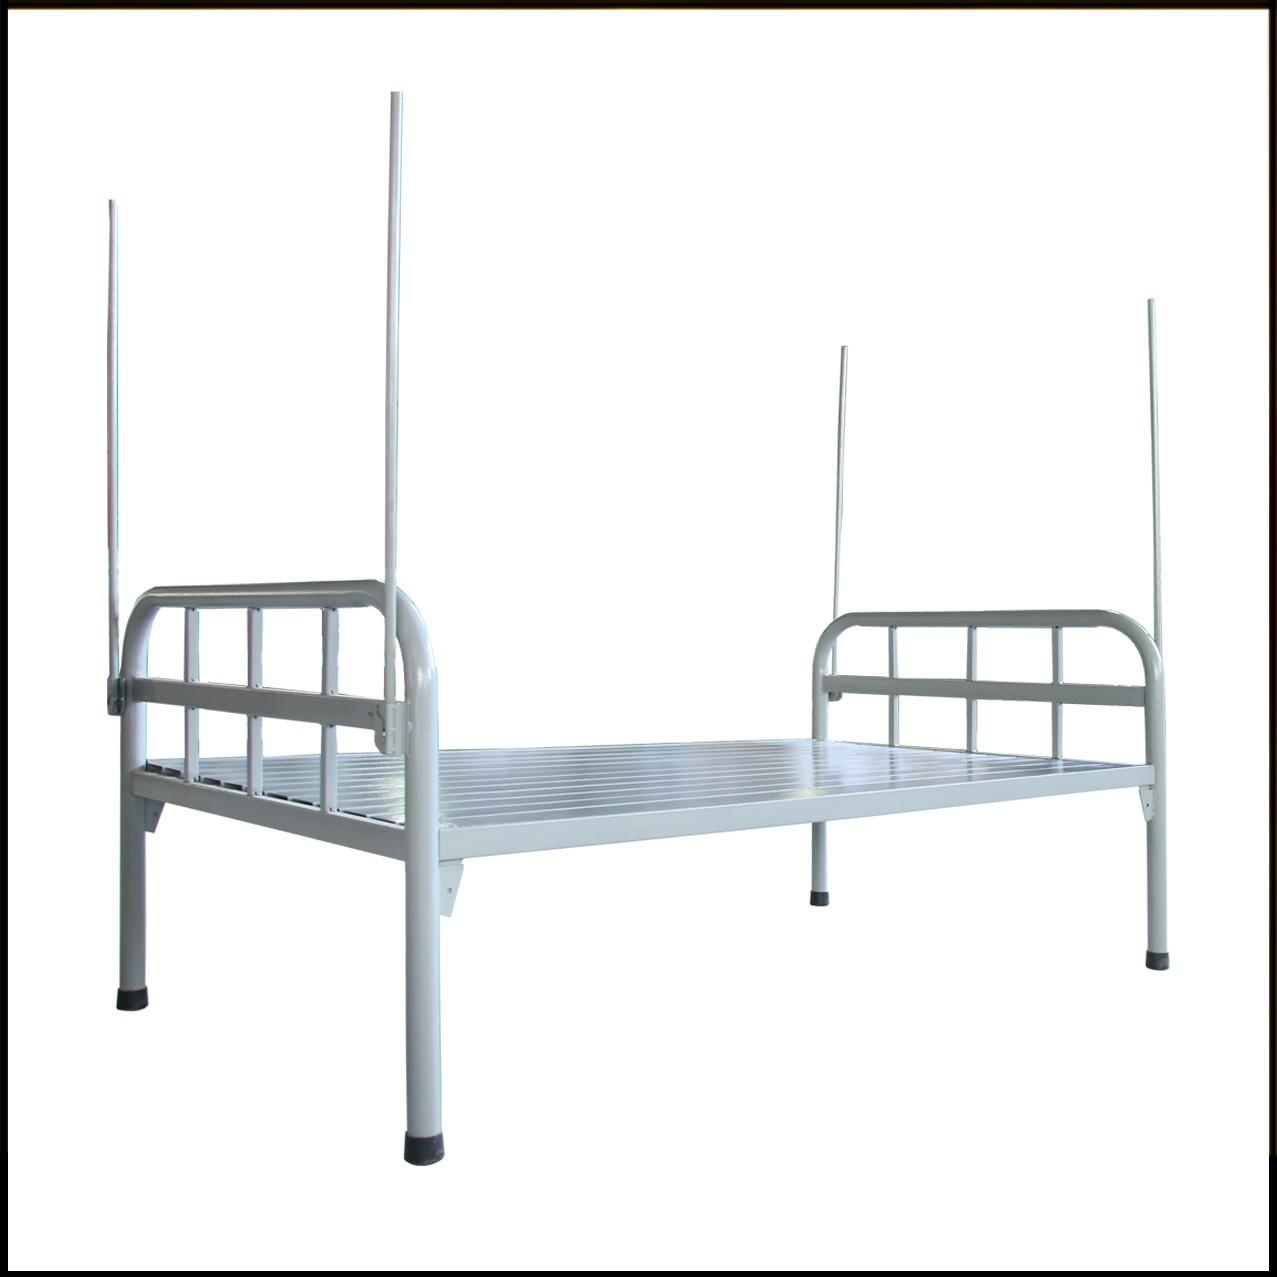 Xưởng sản xuất giường đơn